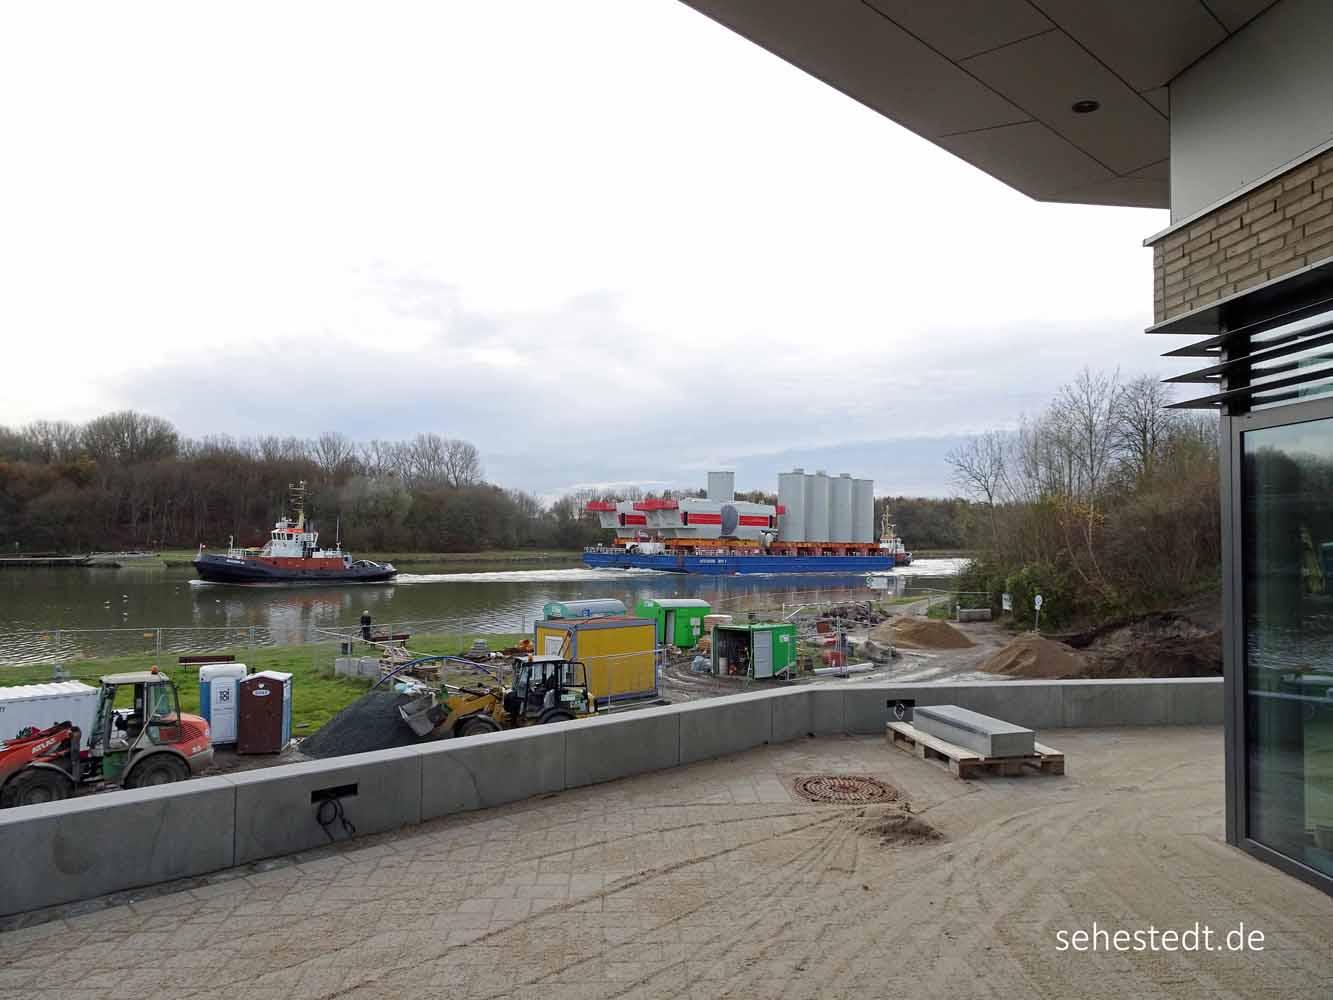 MarktTreff: 1a-Lage am Nord-Ostsee-Kanal.